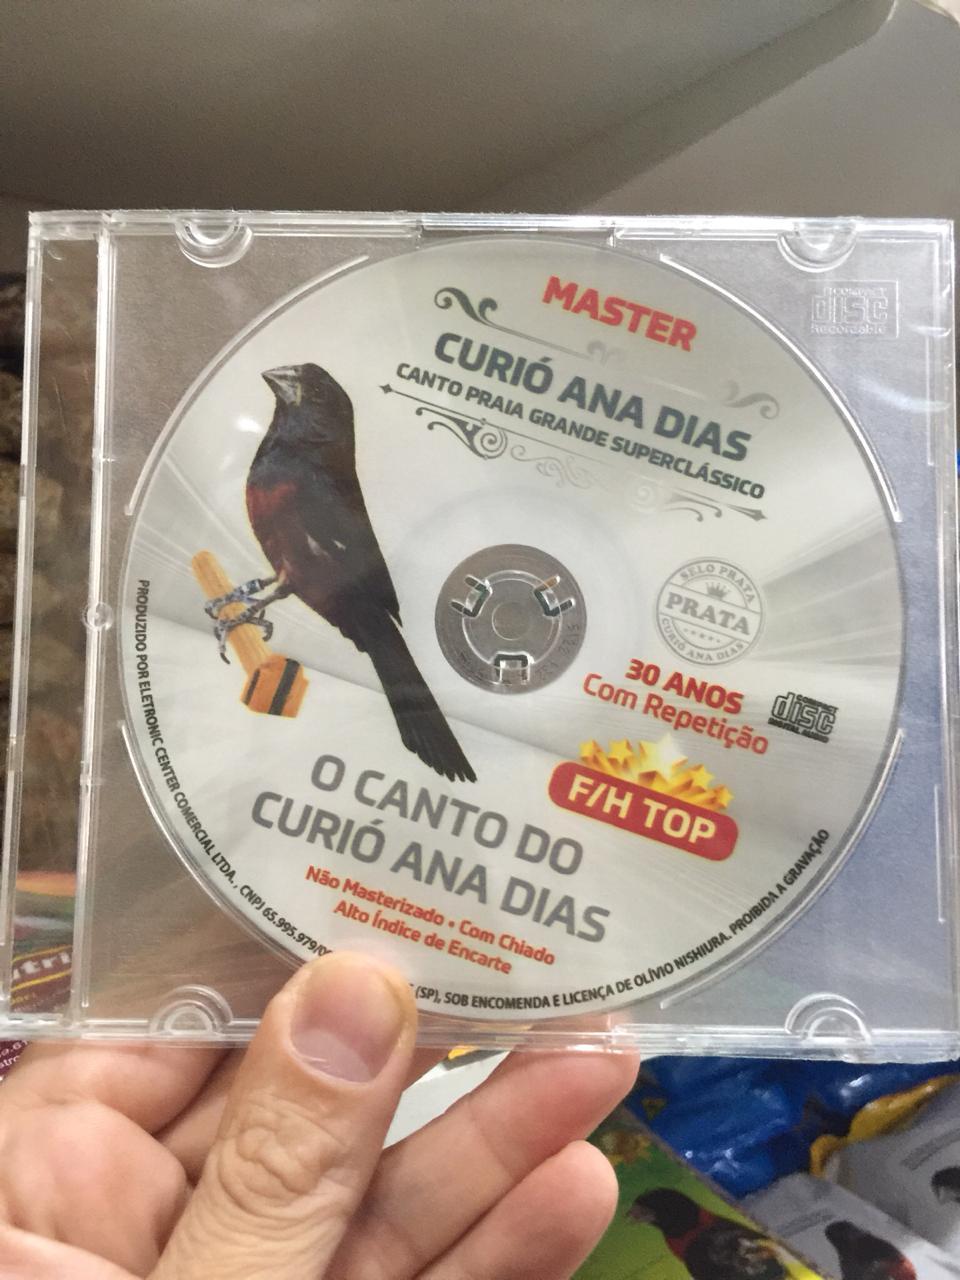 LANCAMENTO CD SELO PRATA FH 30 ANOS TOP COM REPETICAO